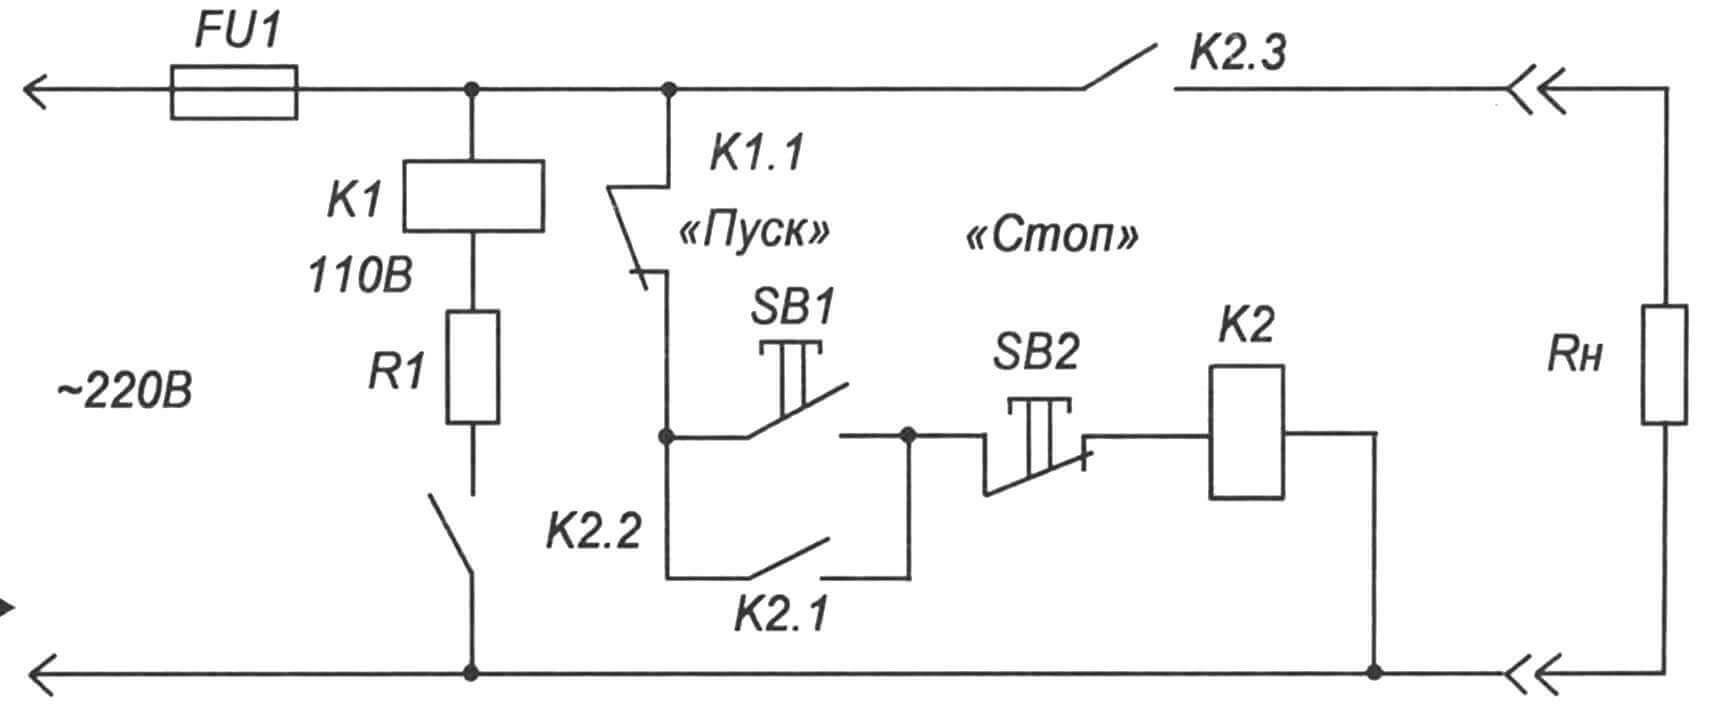 Рис. 2. Усовершенствованная схема подключения фумигатора с помощью дополнительного блокировочного реле